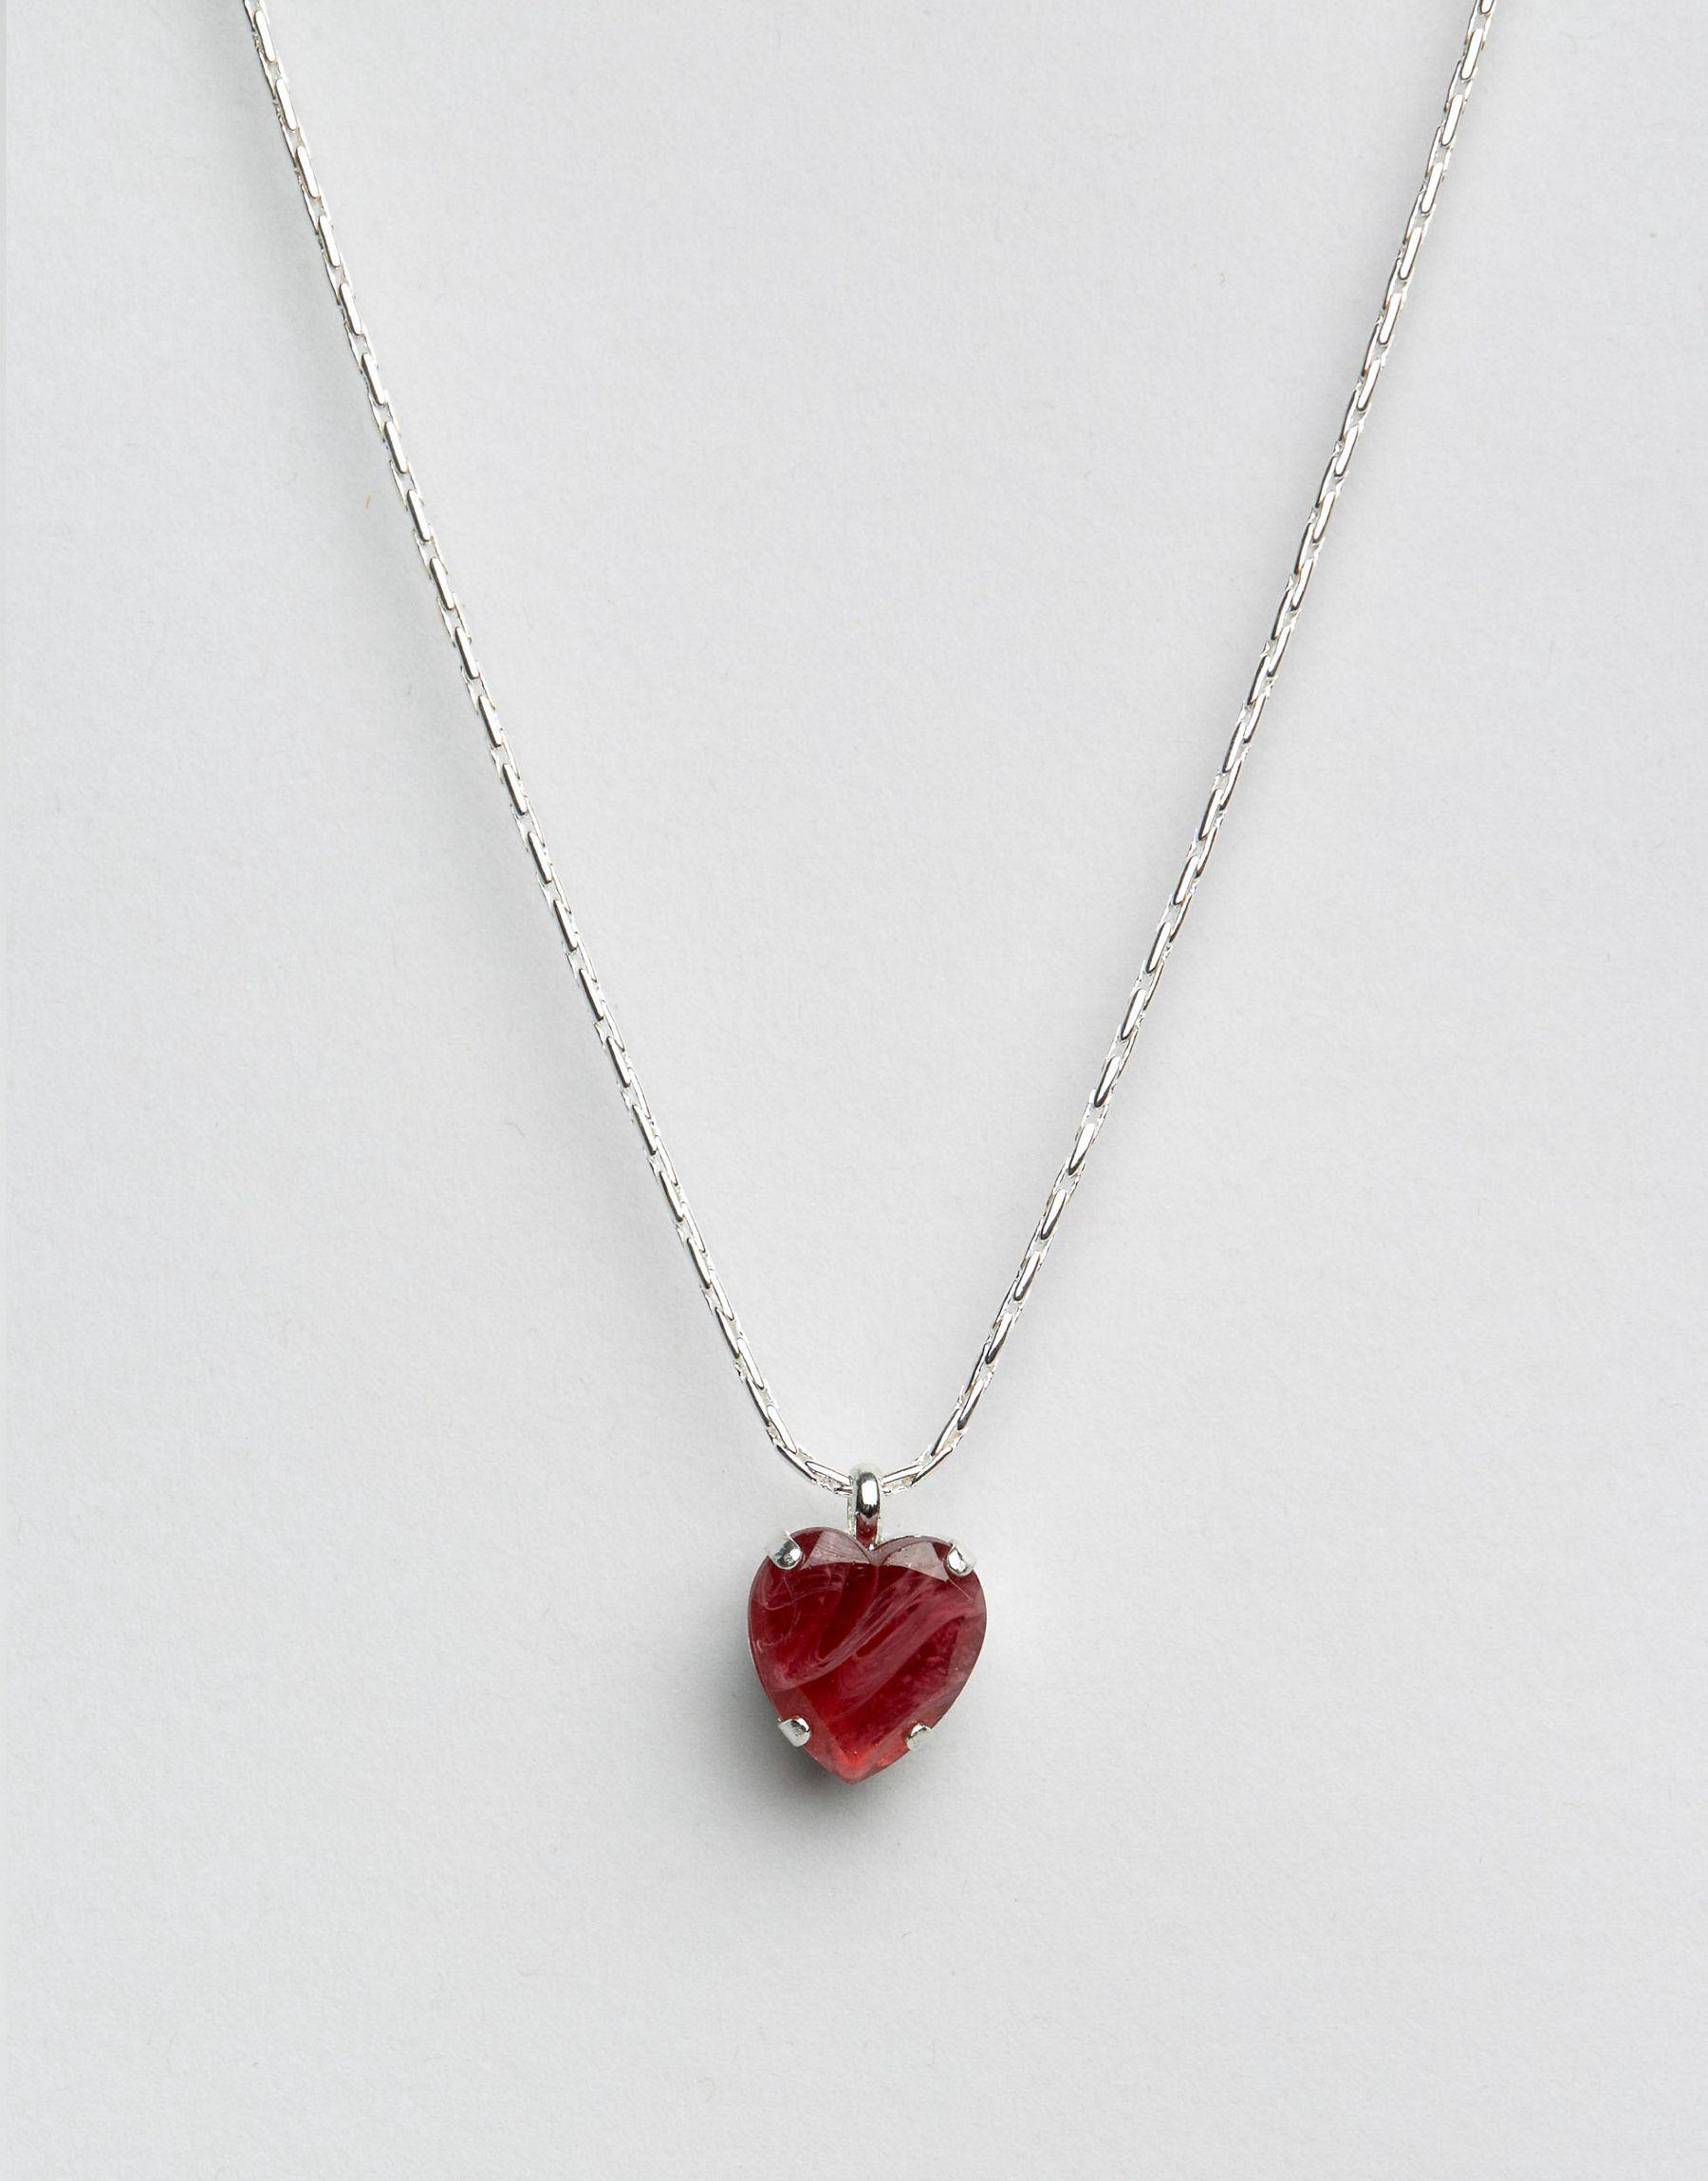 lyst krystal swarovski crystal heart pendant necklace in red. Black Bedroom Furniture Sets. Home Design Ideas